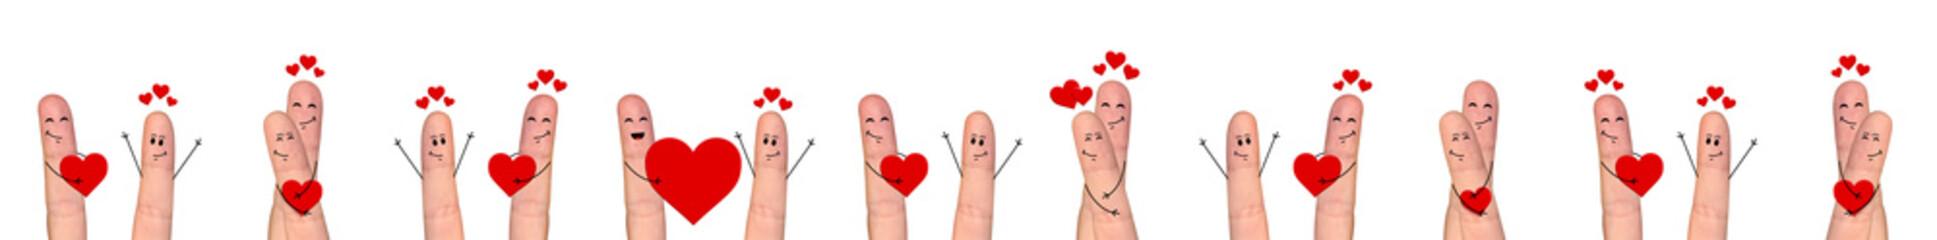 Happy finger couple in love celebrating Valentine day